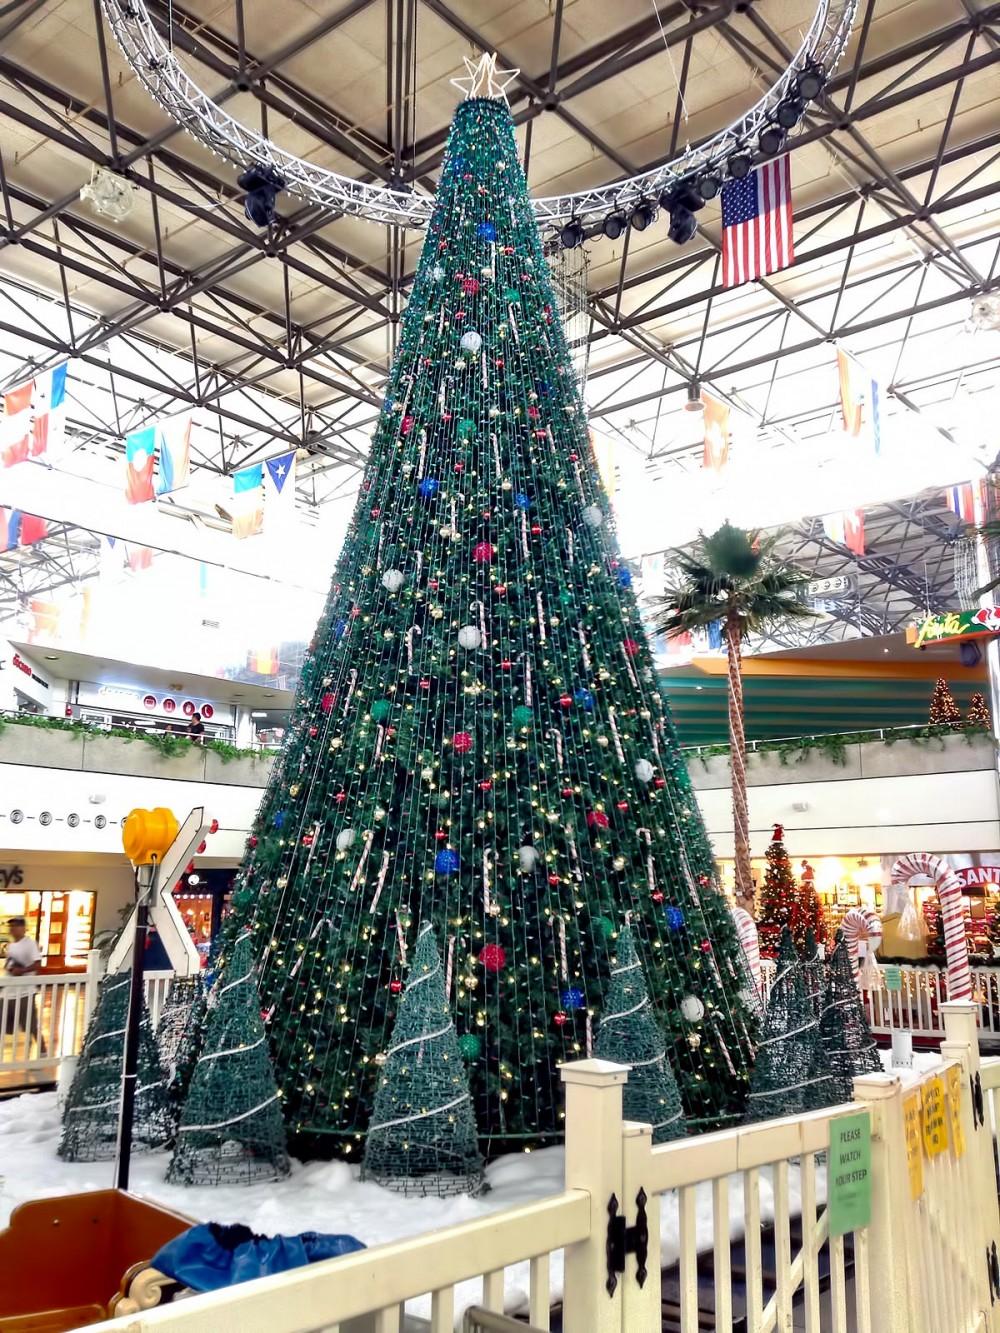 センターコートに設置された巨大クリスマスツリー (マイクロネシアモール)